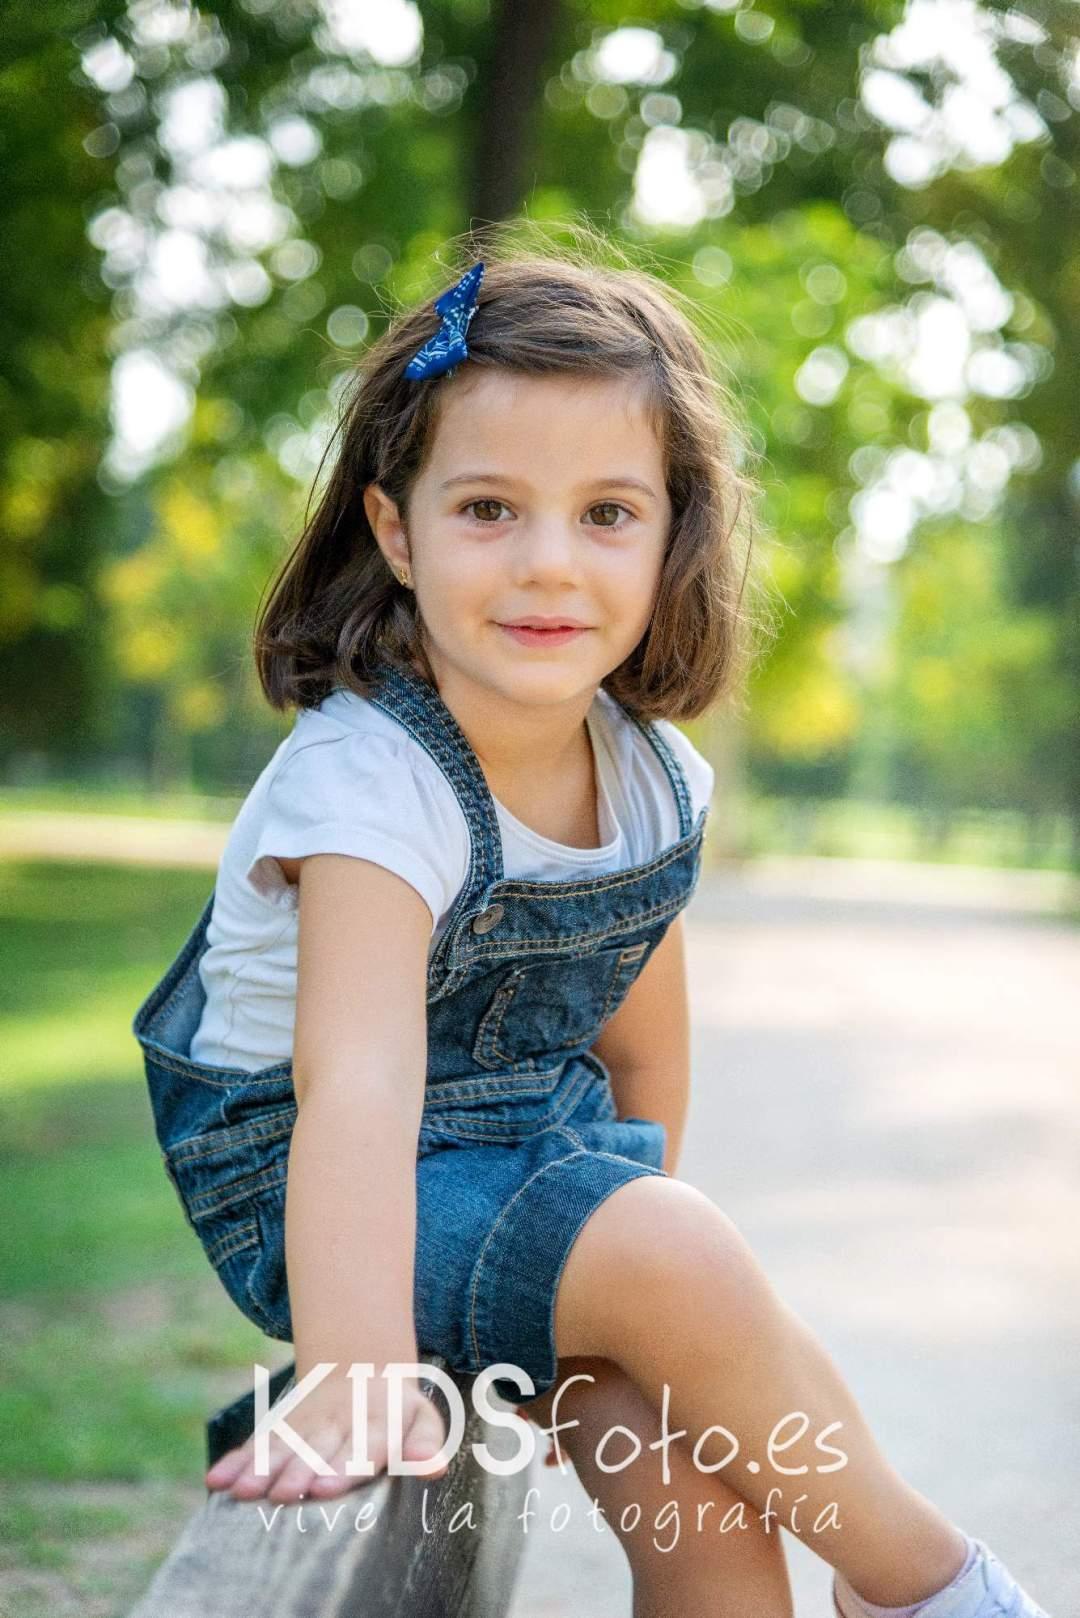 kidsfoto.es Fotografías de Madre e Hija en exterior y estudio. Fotografía de familia en Zaragoza